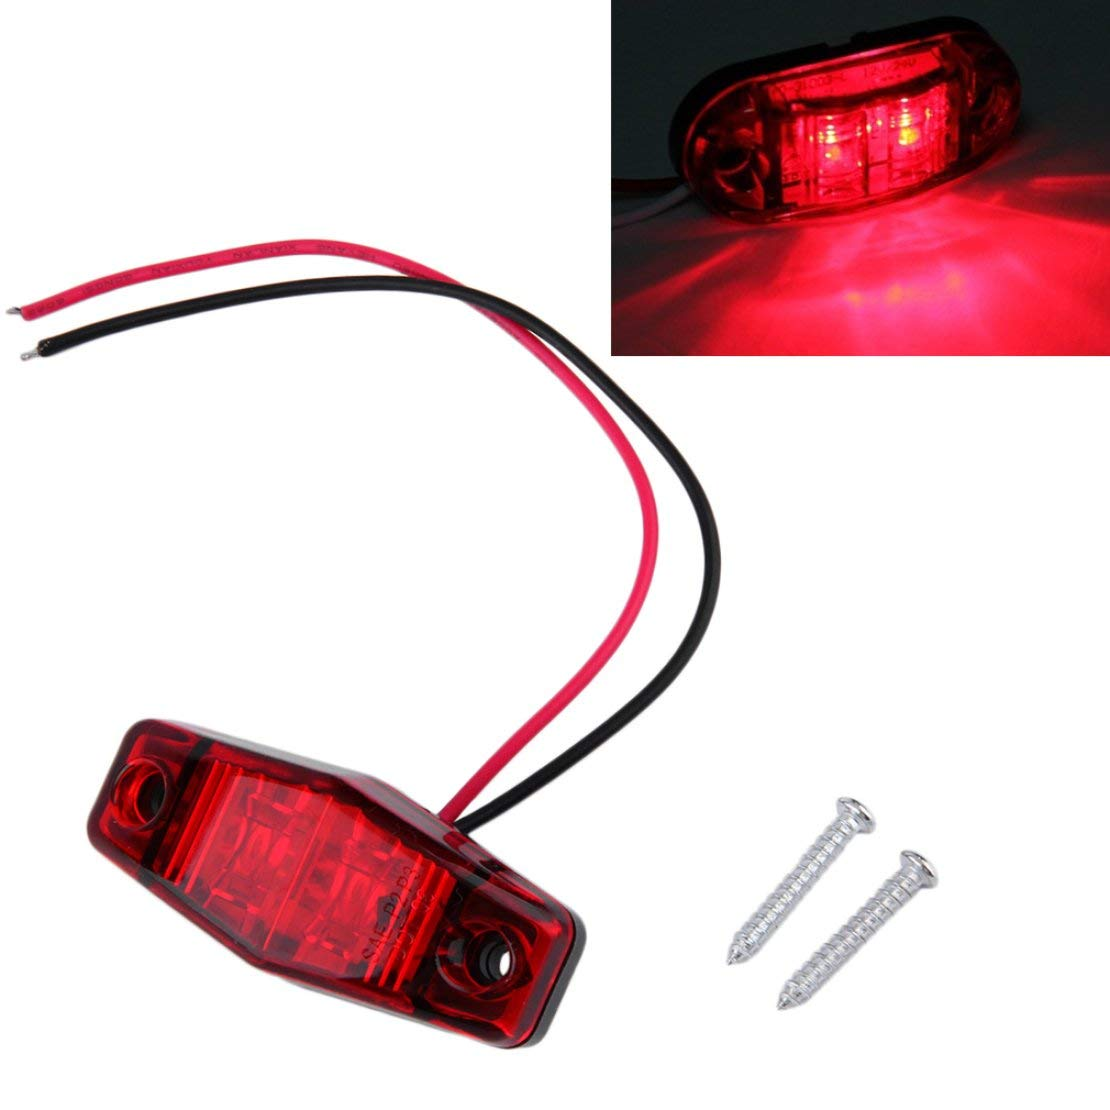 Rojo Hot1 pc LED Cami/ón de remolque 2 Diodo 1x2.5 Despeje de la superficie Luz de marcador lateral Sumergible Ancho de la l/ámpara Despeje de la l/ámpara Estilo de autom/óvil